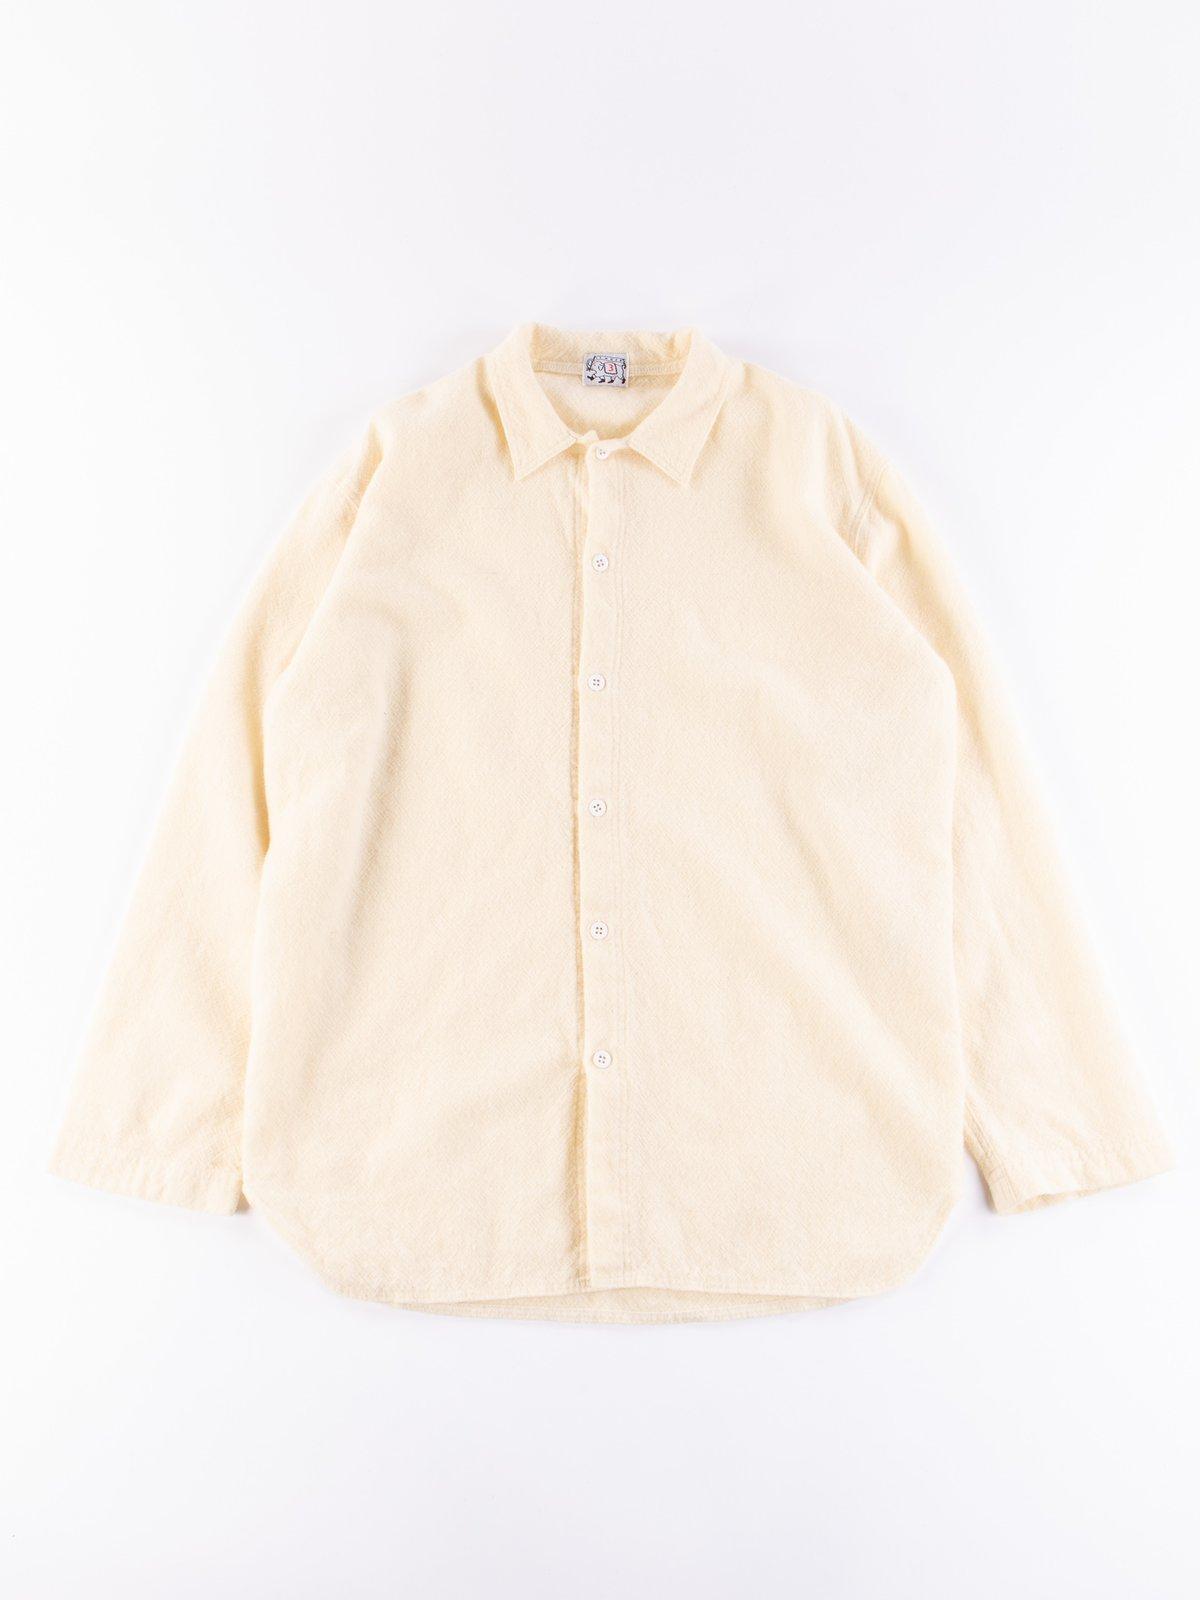 Cream Weavers Stock Tail Shirt - Image 1